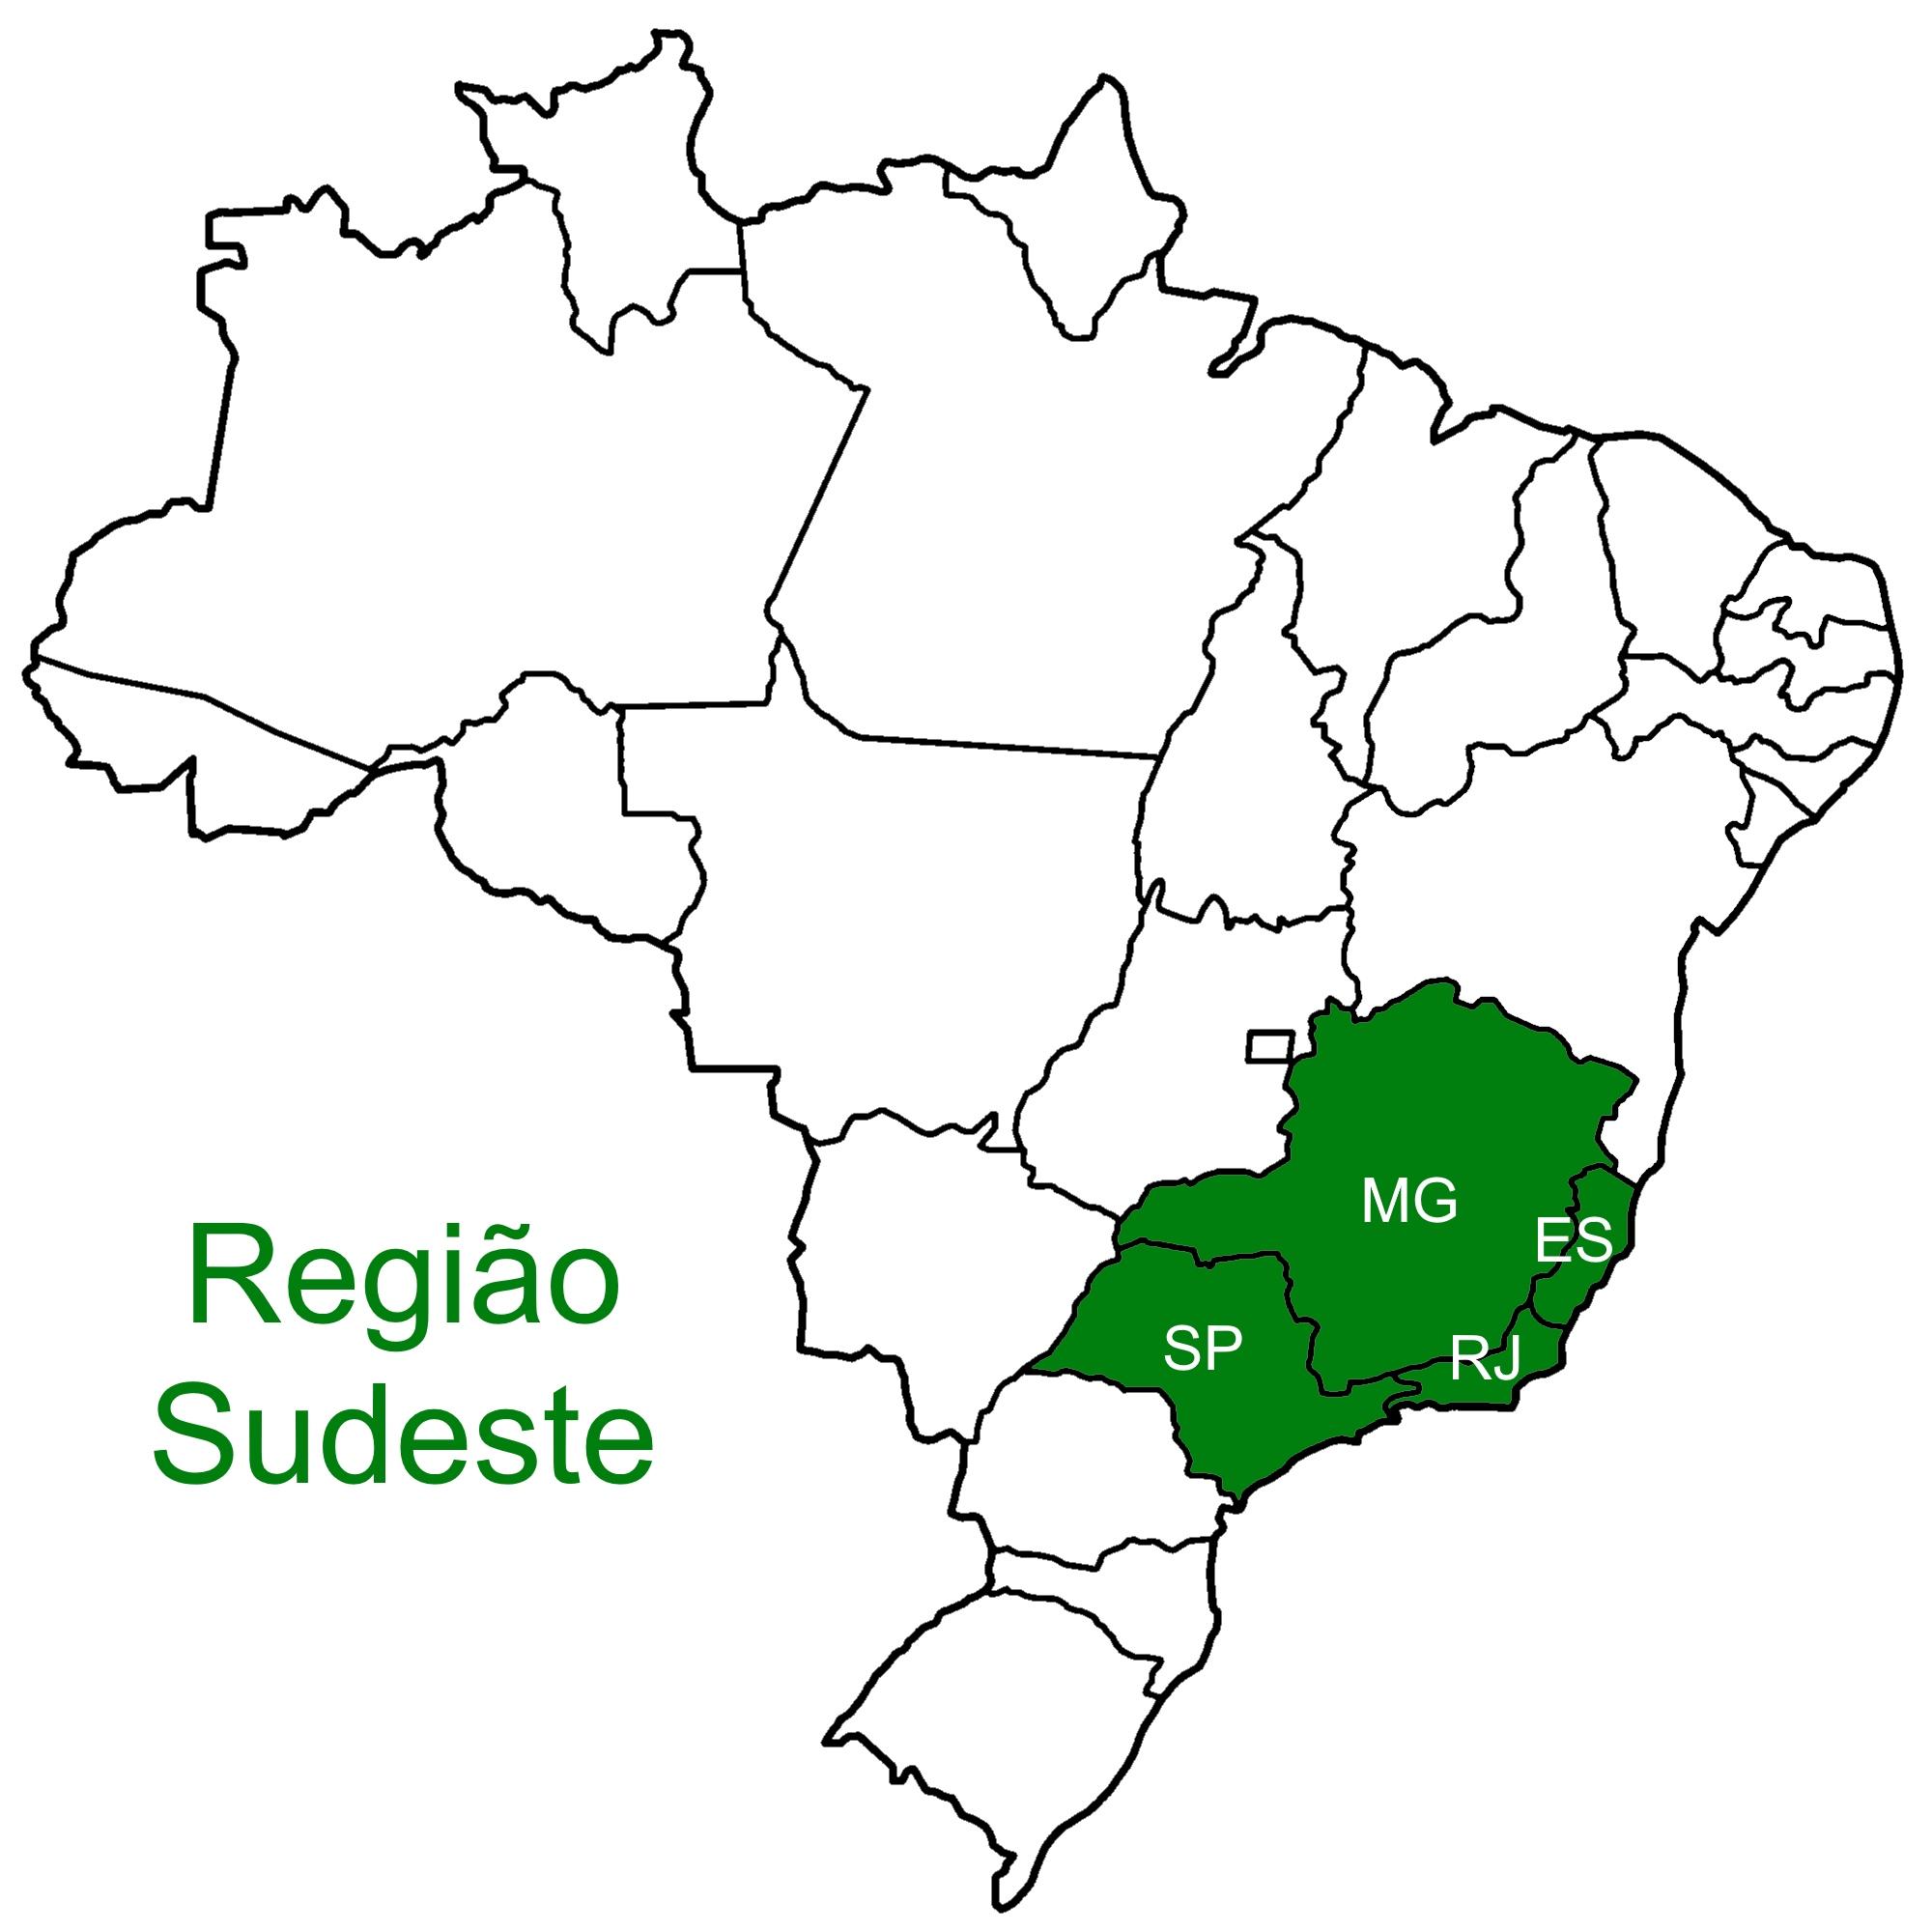 Situação Fiscal dos Estados do Sudeste